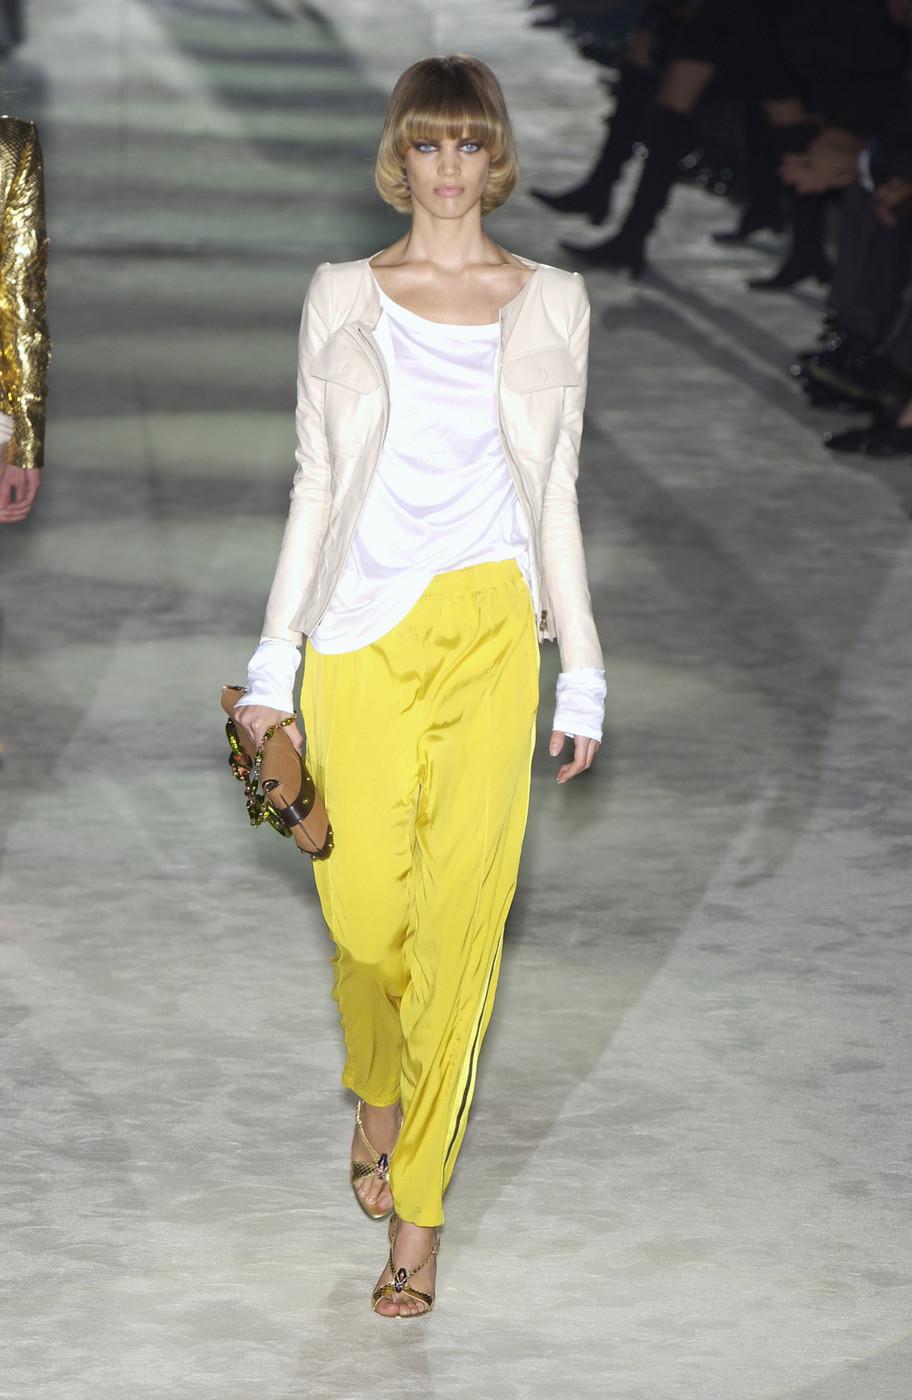 Rianne Ten Haken at Gucci S/S 2004 #Rianne Ten Haken #Gucci#Tom Ford#runway